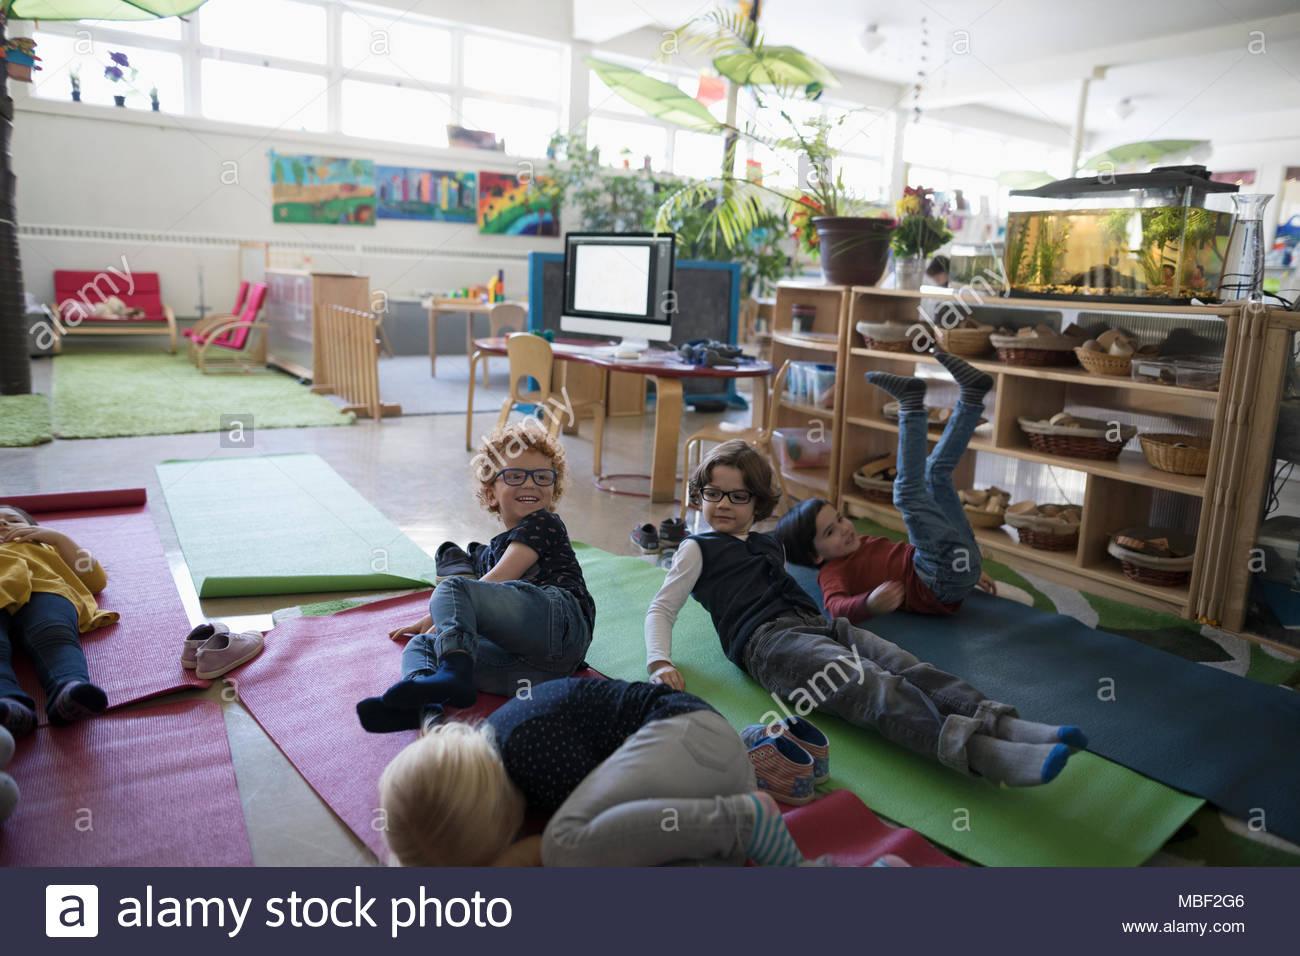 Cansados los estudiantes preescolares descansando en las esteras del yoga durante la hora de la siesta Imagen De Stock